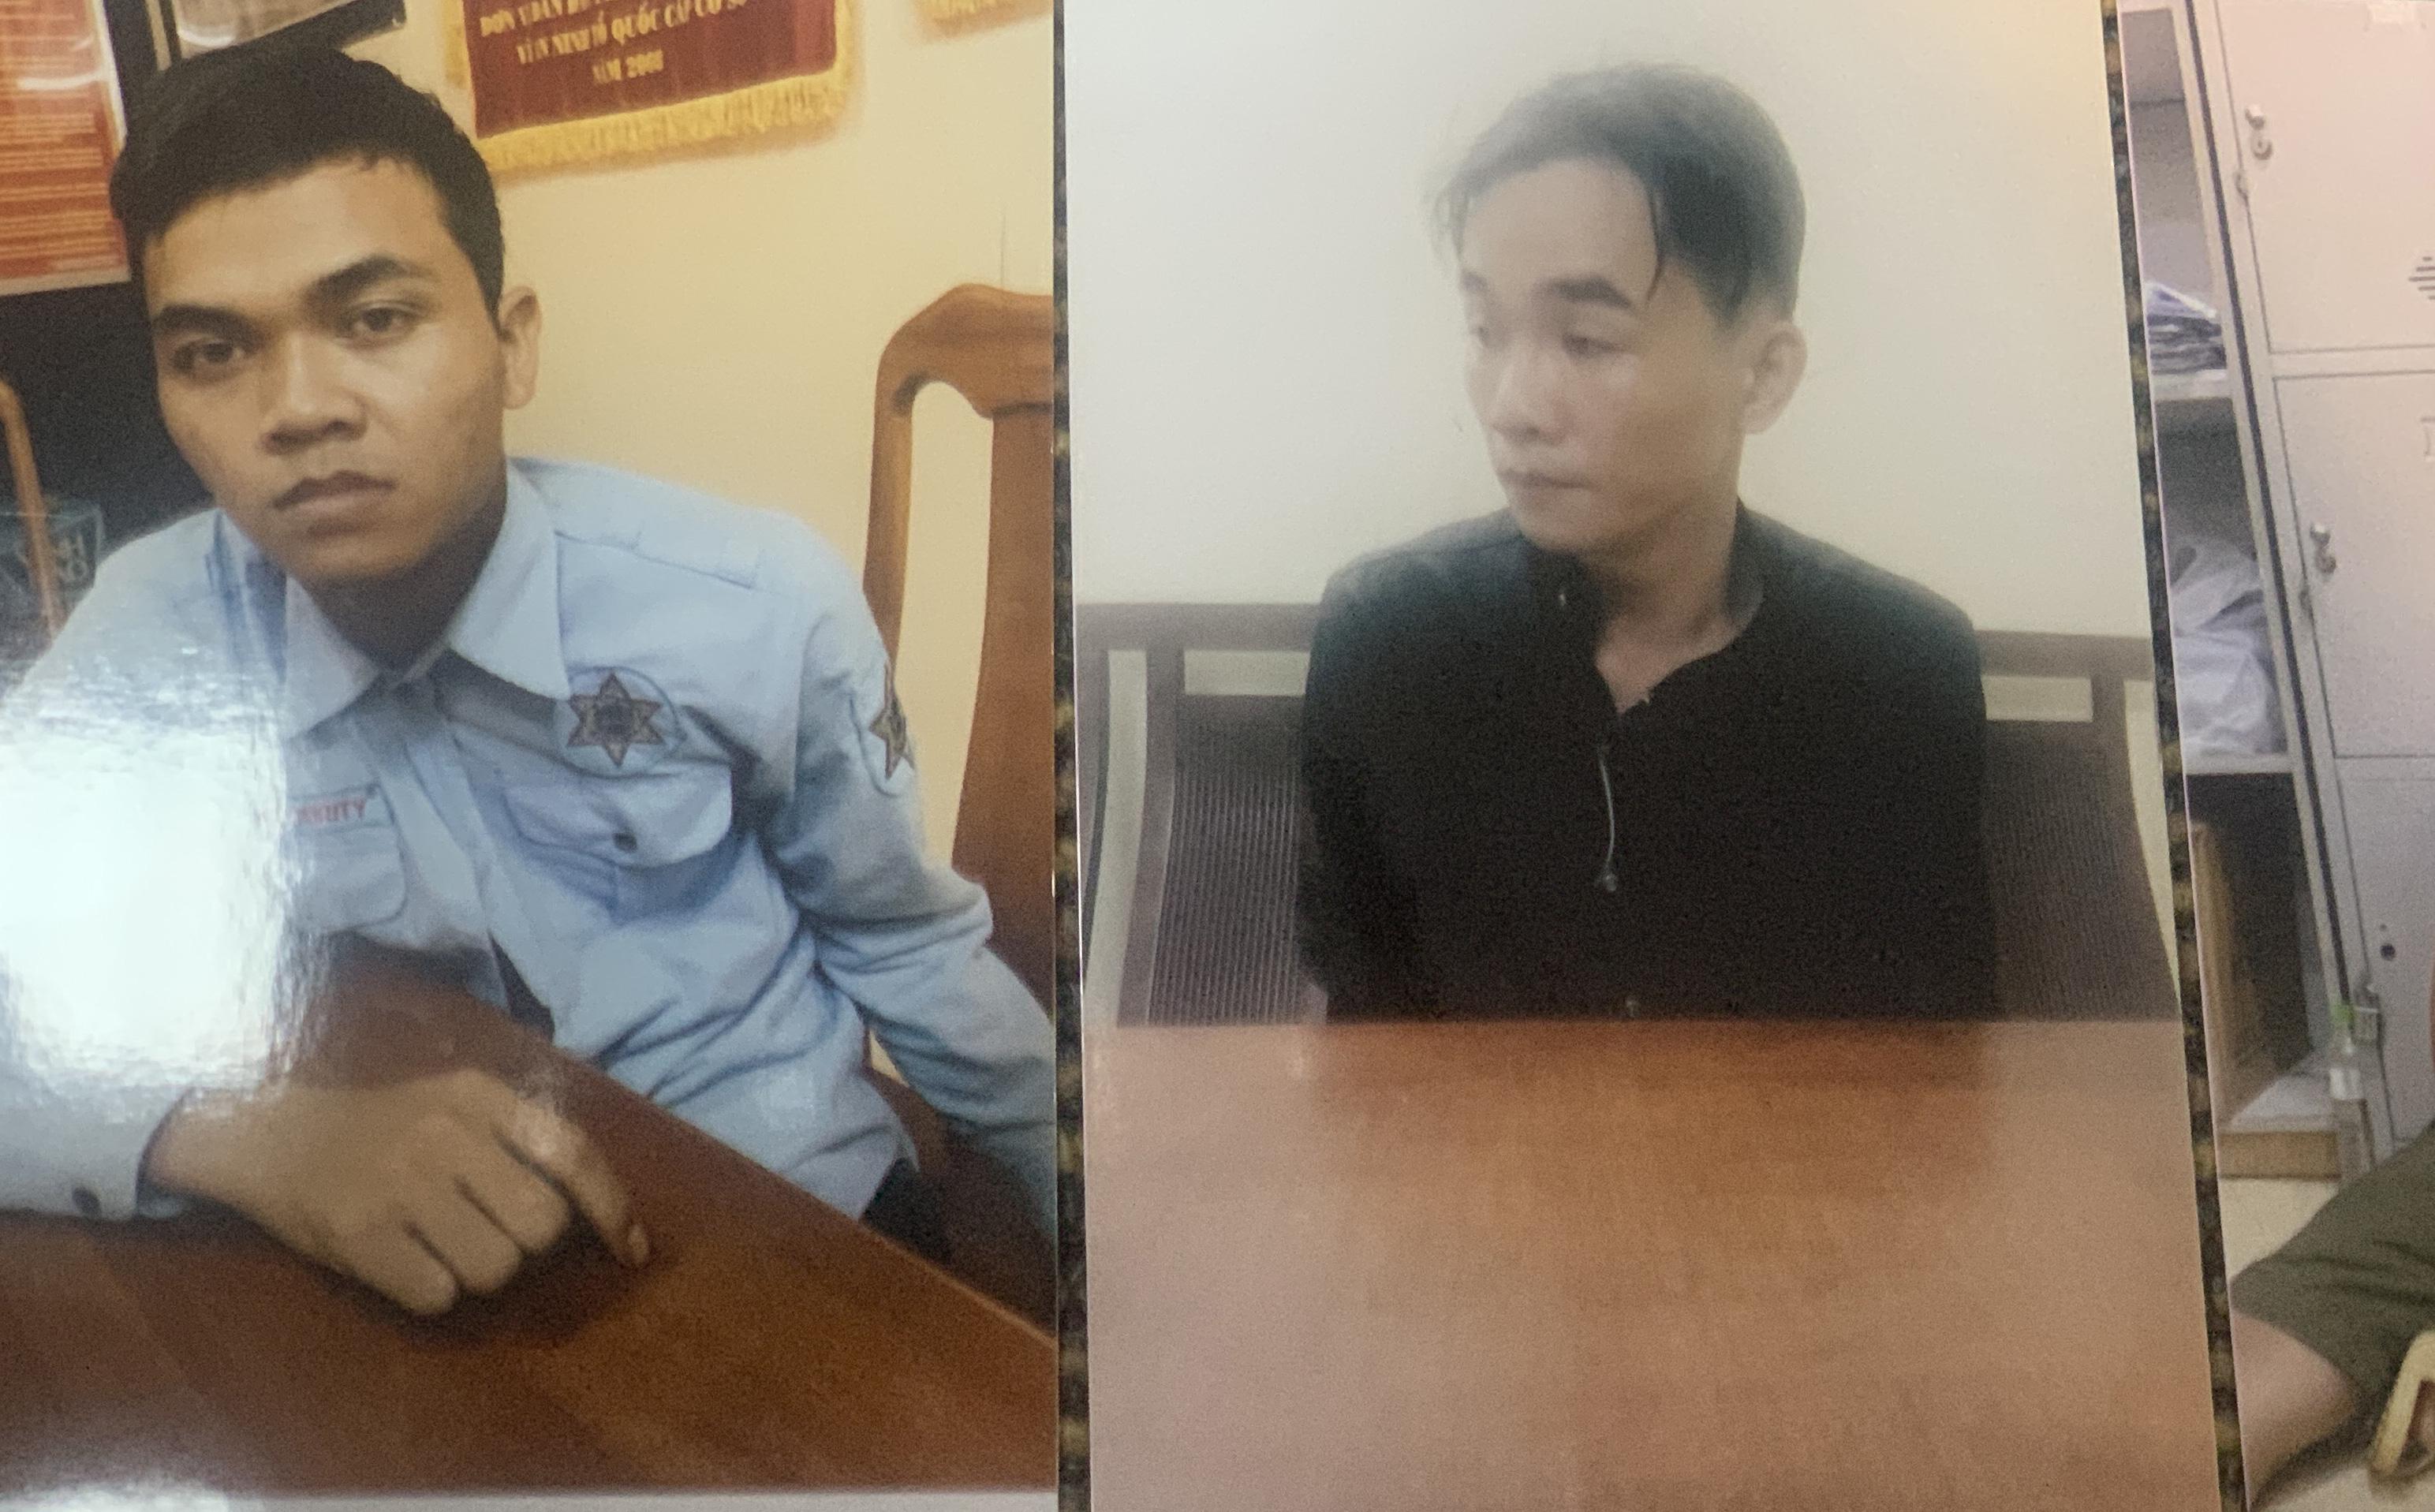 Khởi tố nhóm đối tượng dùng súng cướp tiệm vàng ở huyện Hóc Môn